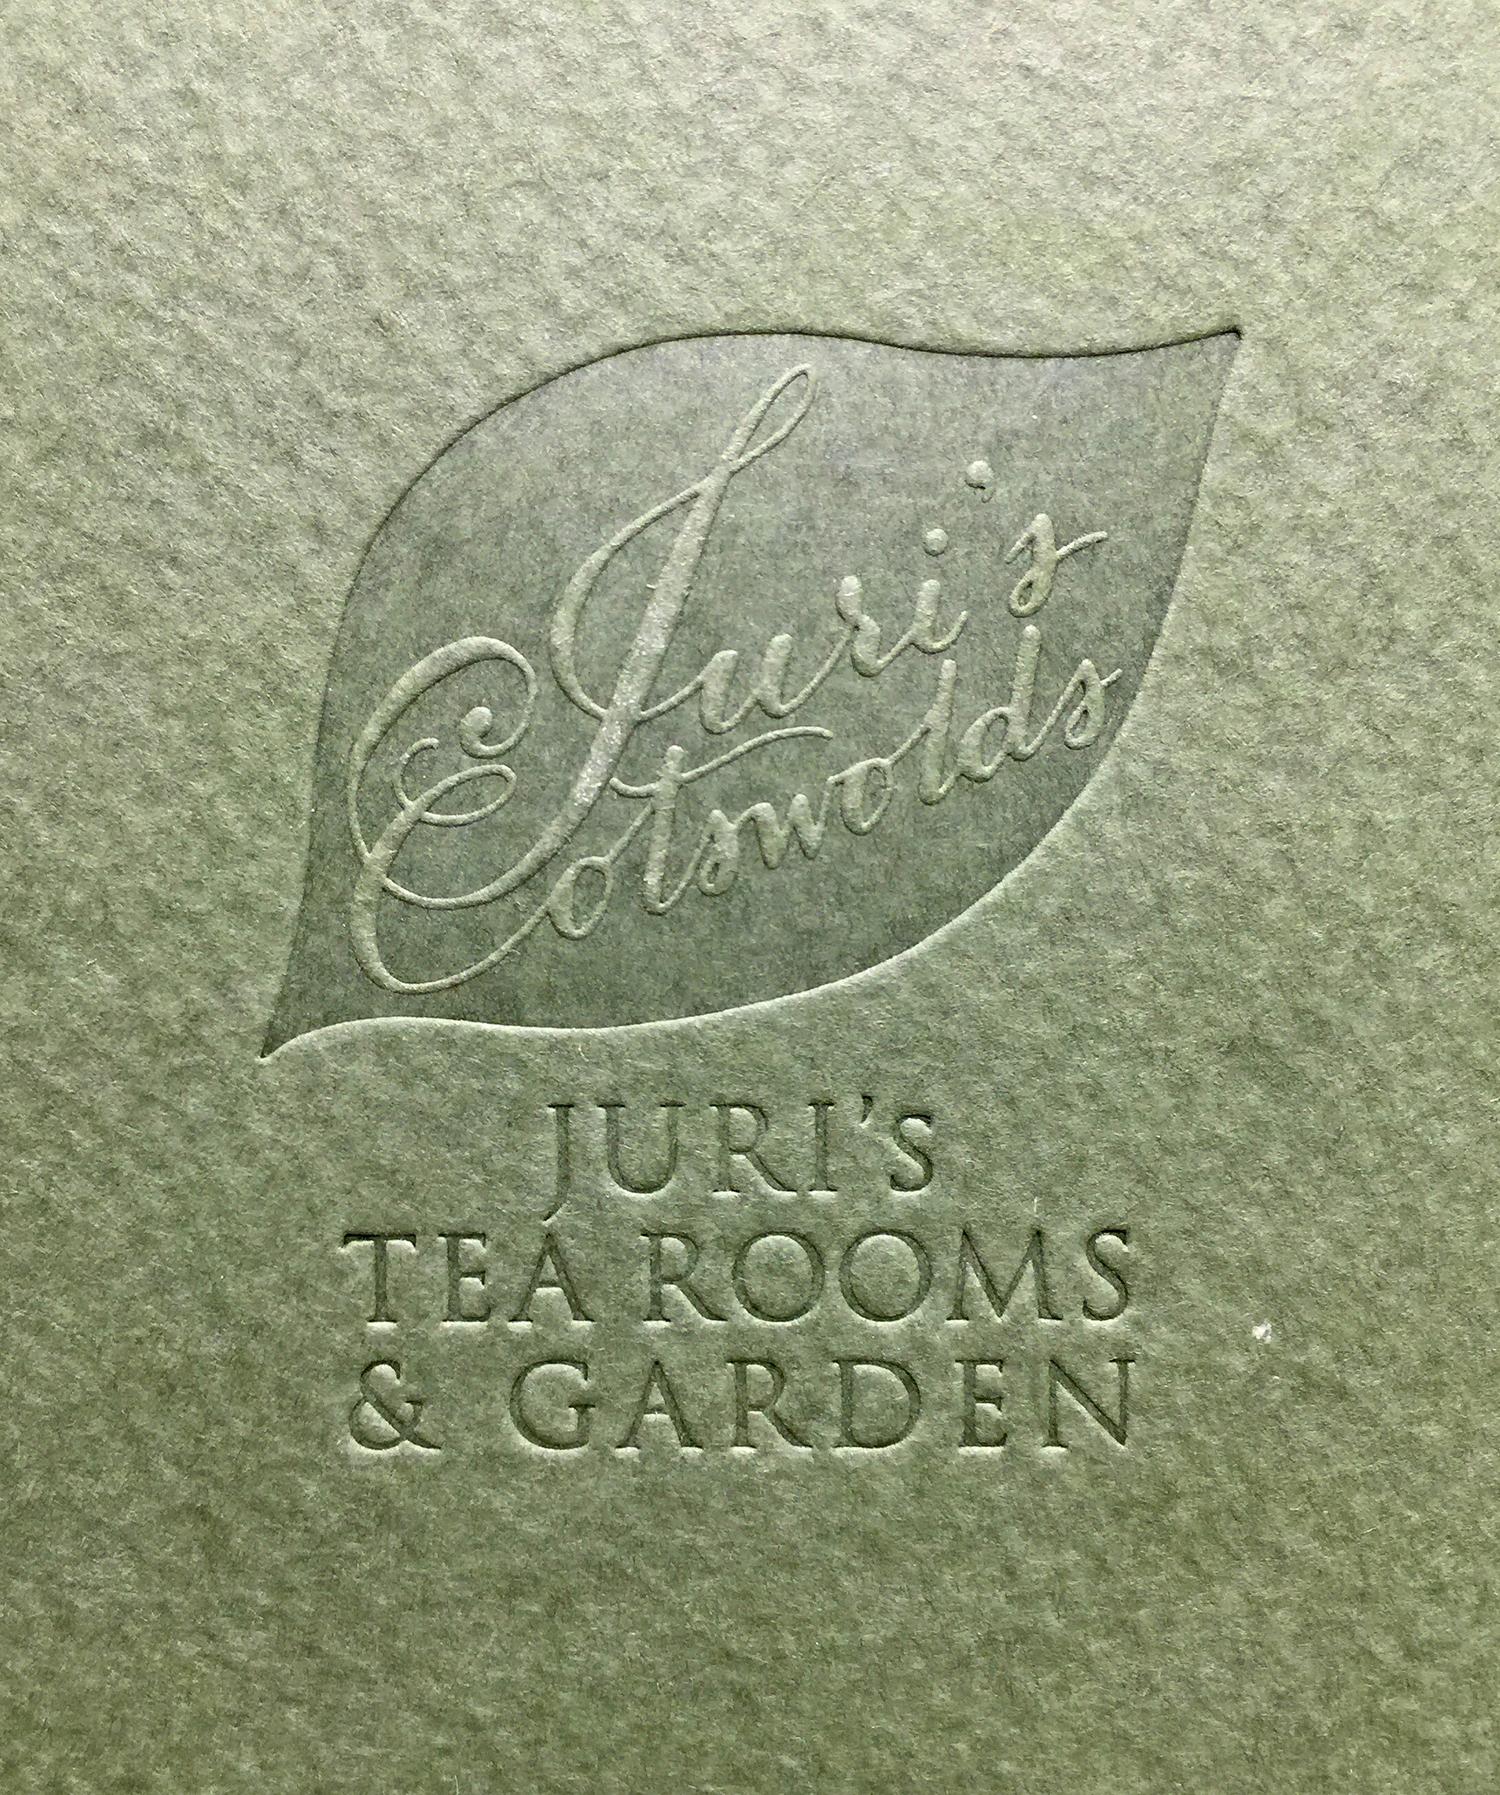 Juri's tearoom